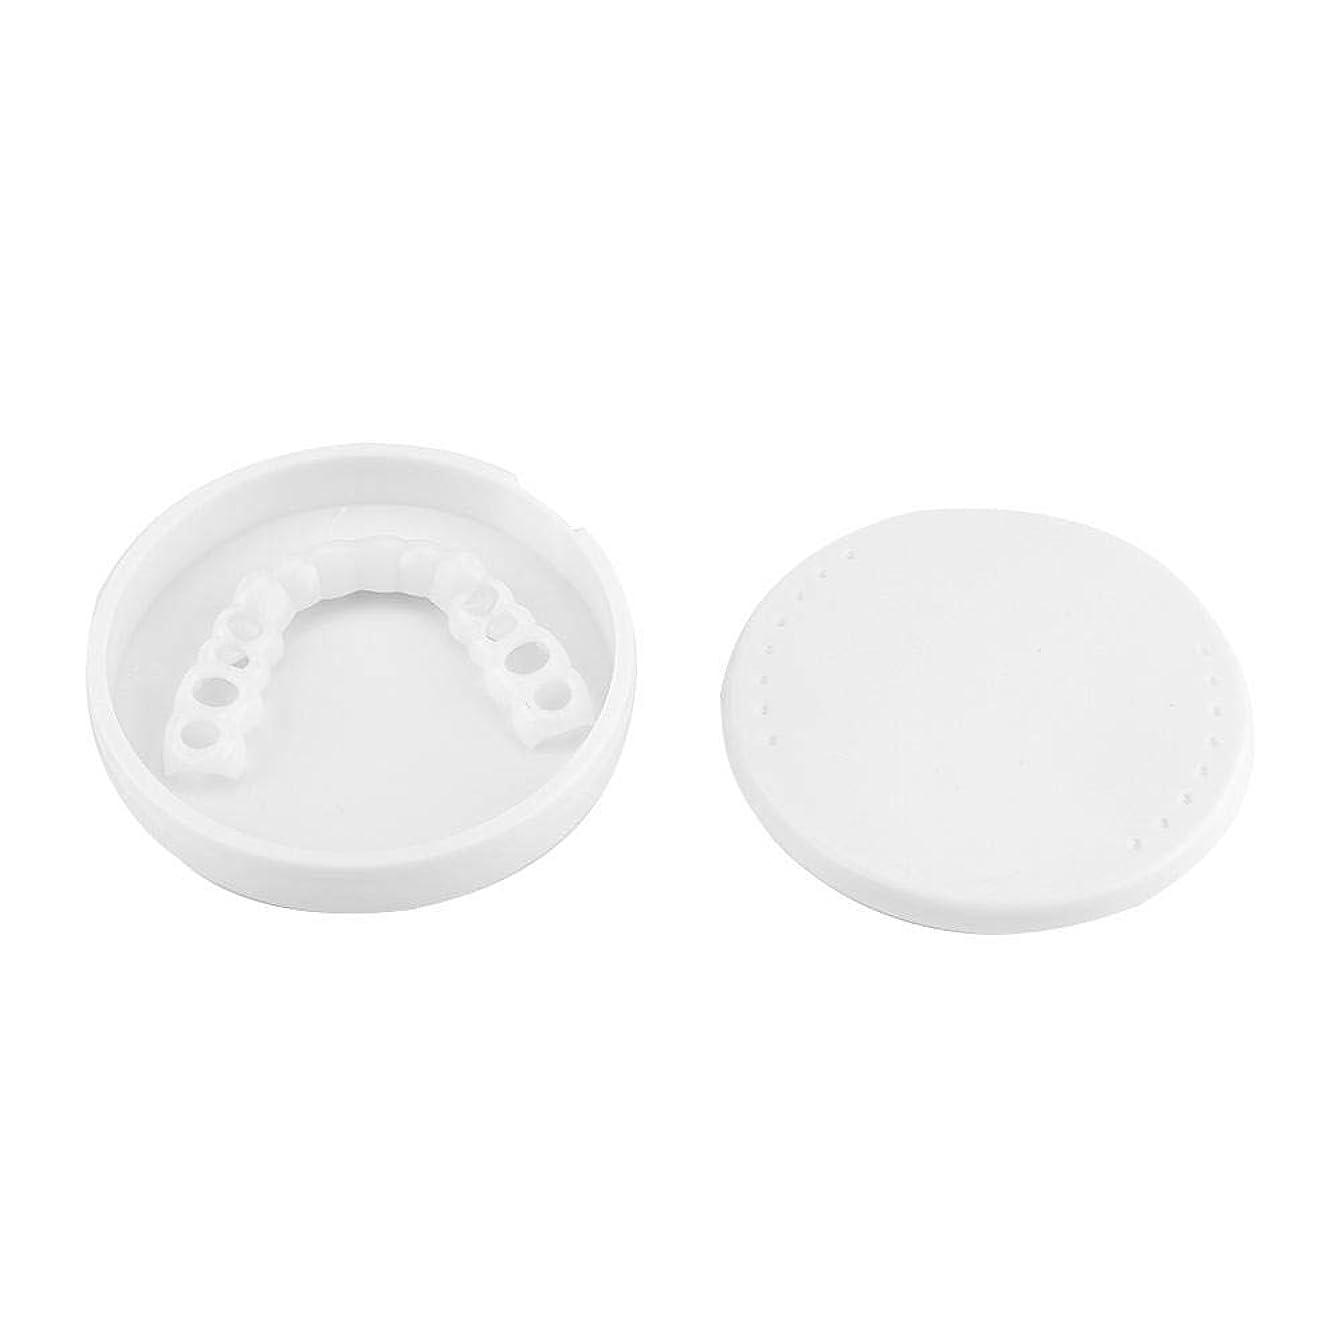 深いもっと差Salinr インスタント 完璧なベニヤの歯スナップキャップを白く 一時的な化粧品歯義 歯化粧品シミュレーション 白くする歯カバー フィットフレックス歯ベニア上の歯+下歯のセット